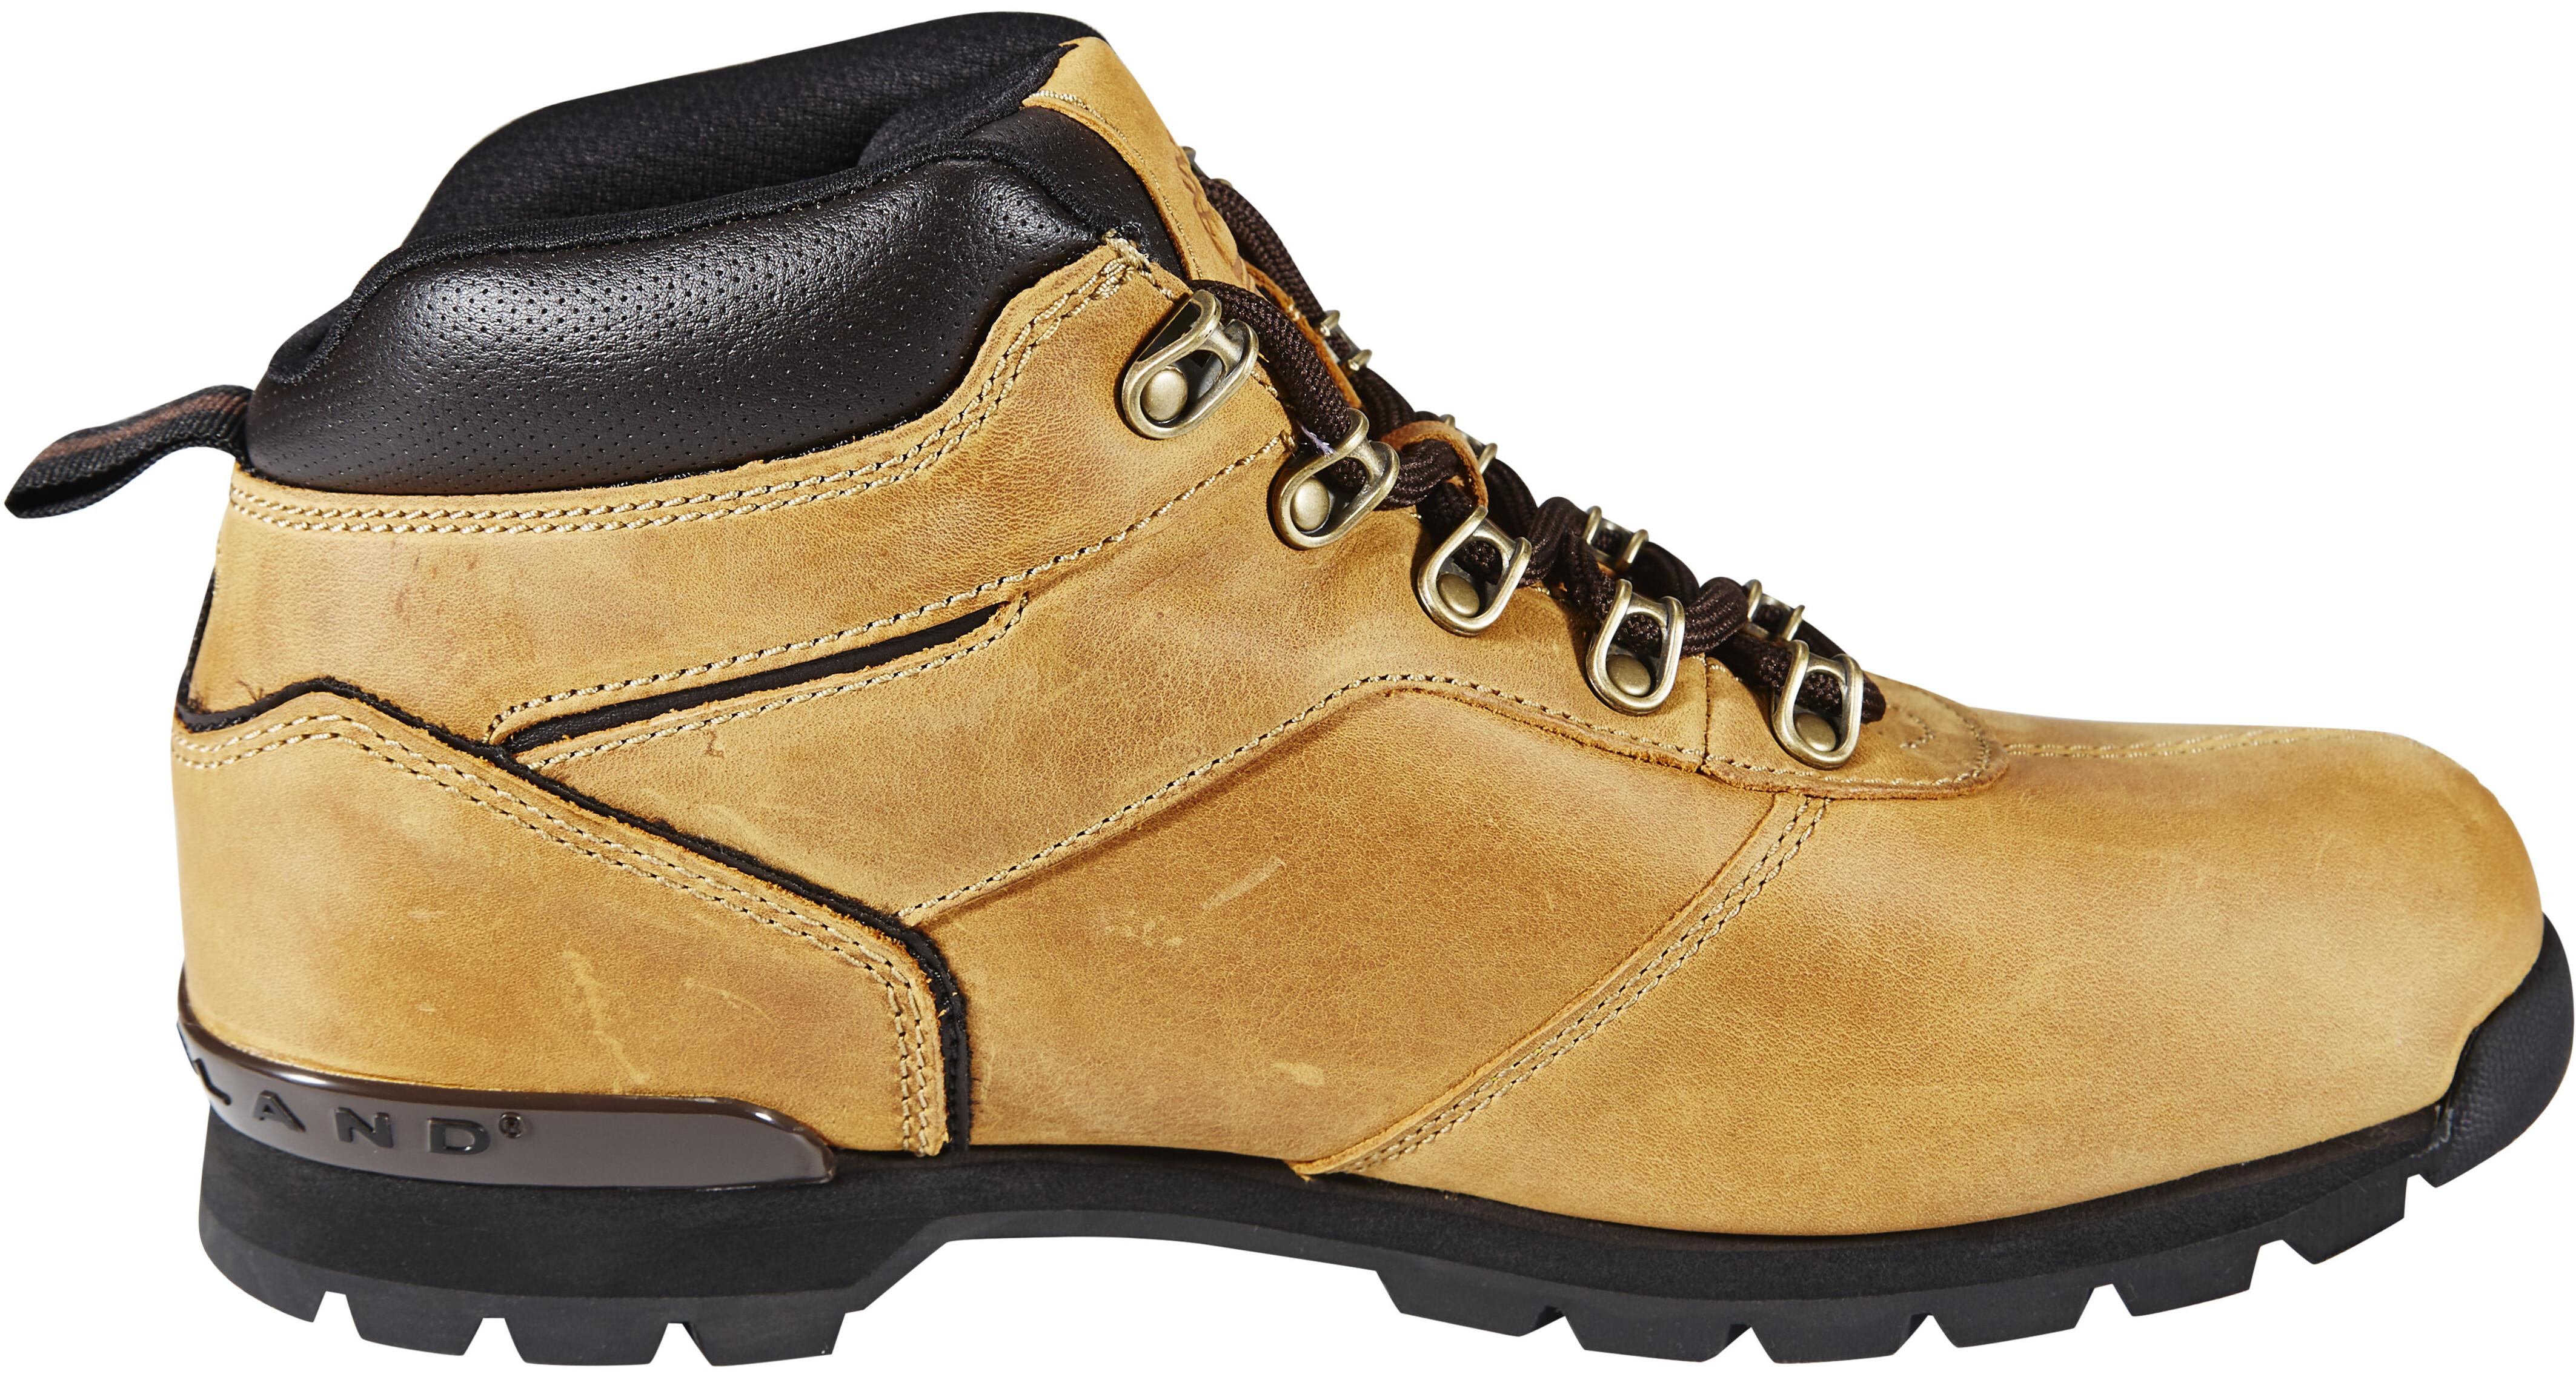 30df3991eba6a Timberland Splitrock 2 - Calzado Hombre - marrón